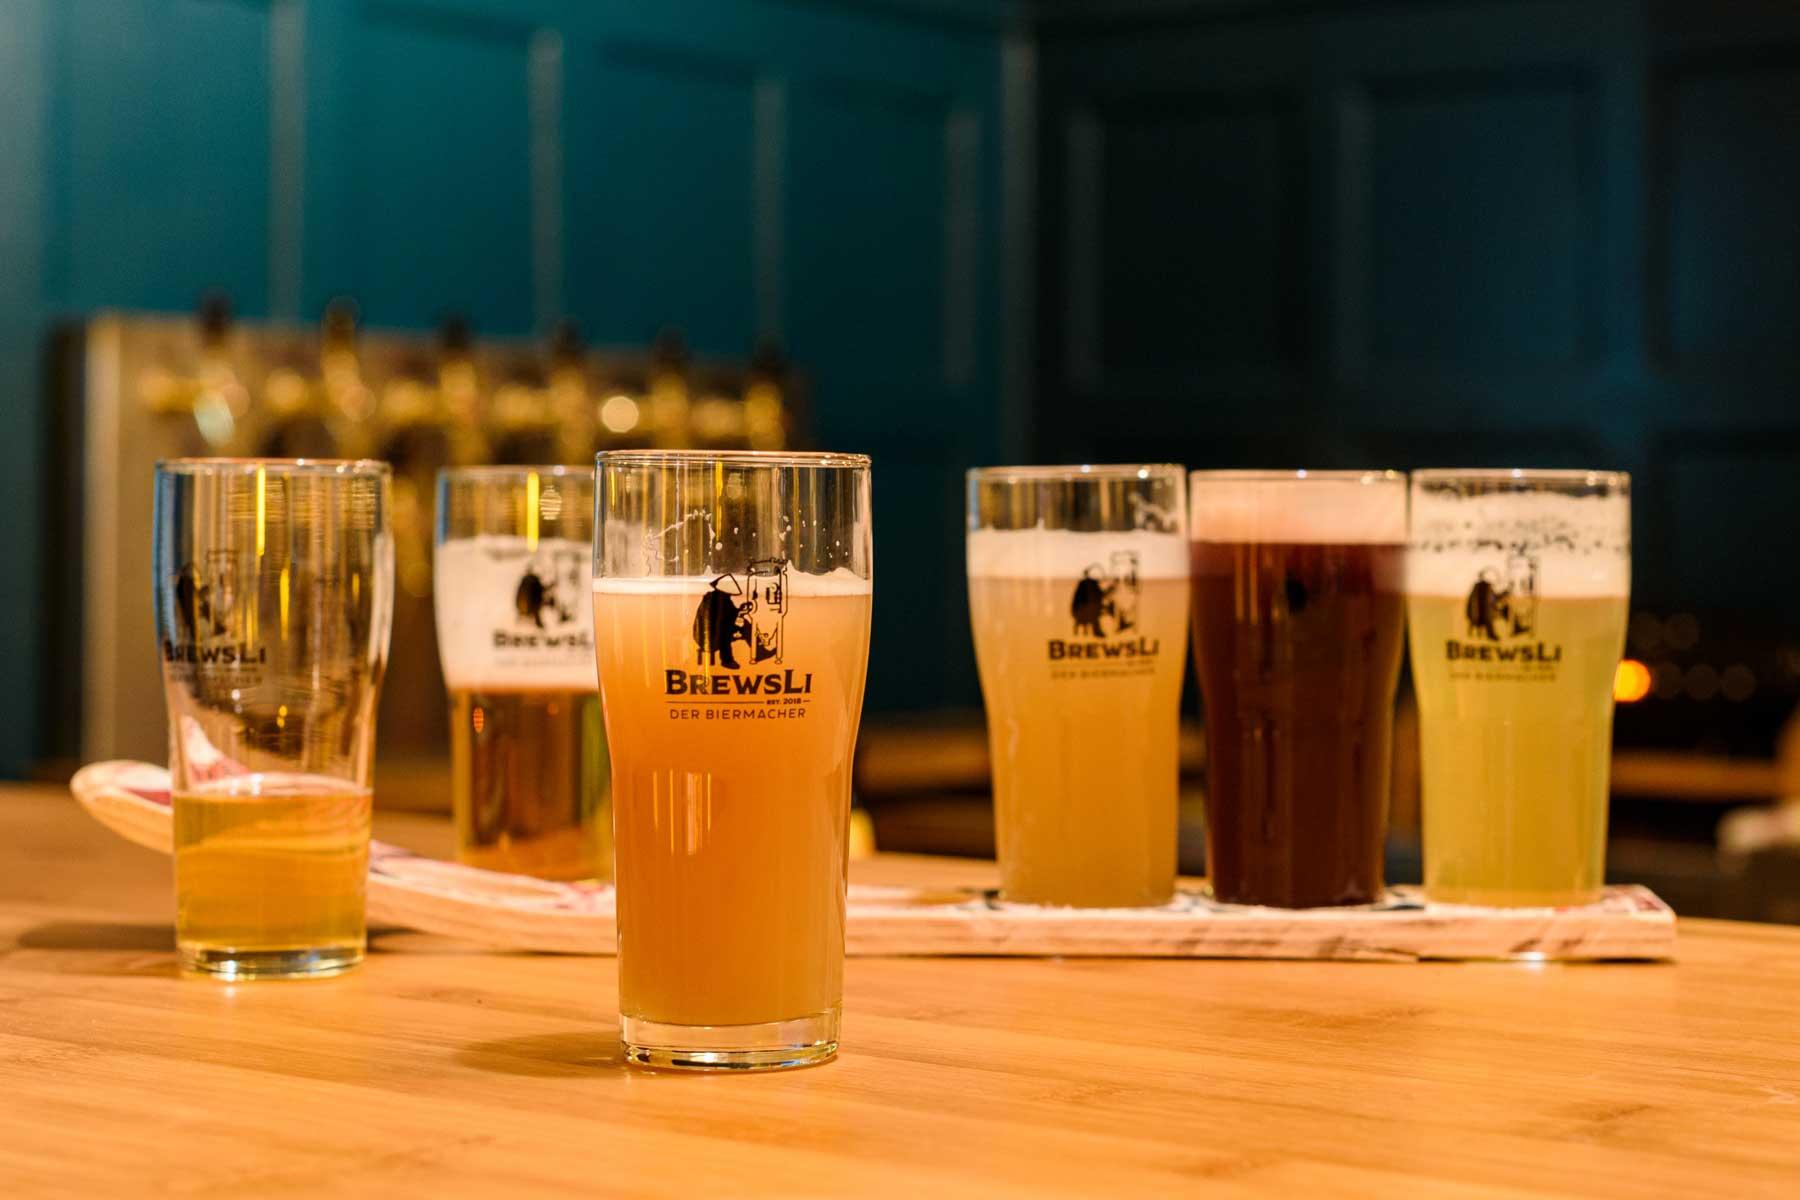 BrewsLi-Biermacher-Craft-Beer-Pub-Muenchen-wechselnde-Biere